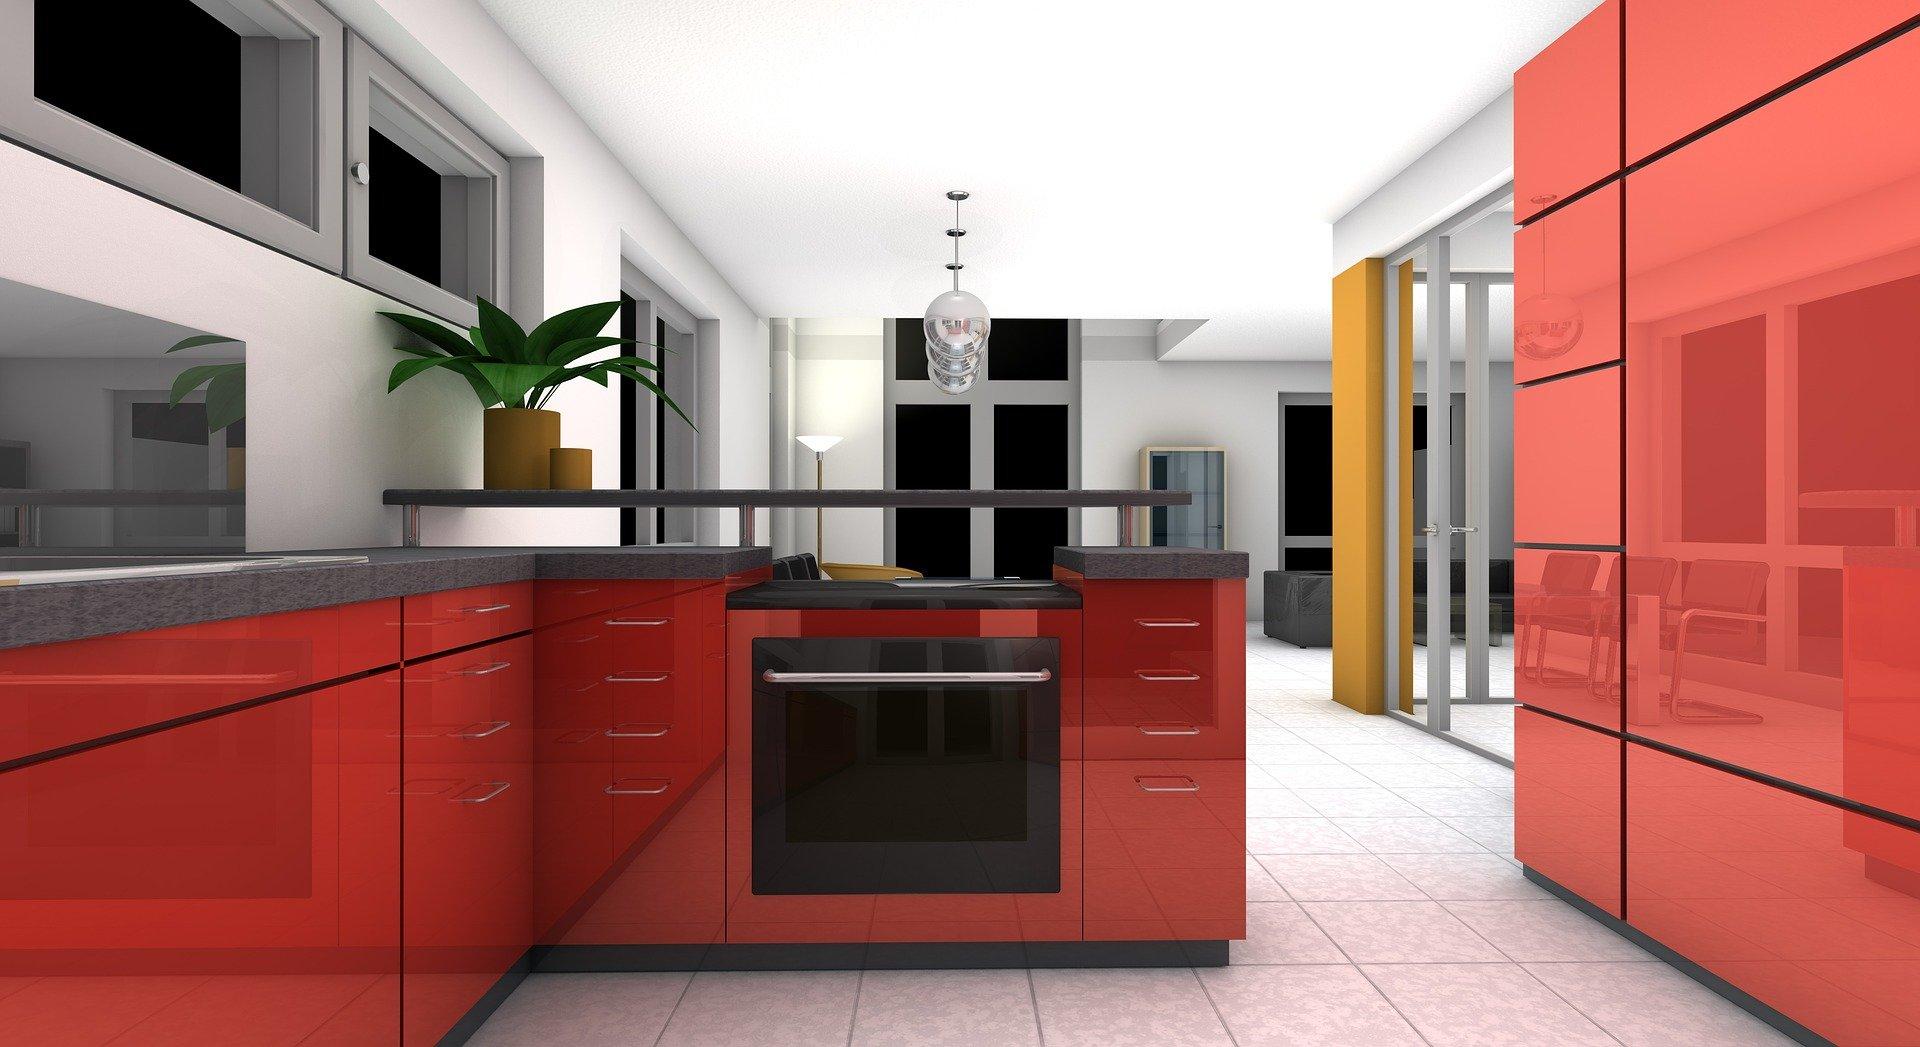 Mieszkanie zakupione z gdańskiego skupu mieszkań. Na zdjęciu widać kanapę, szafę, obraz oraz roślinę w doniczce.